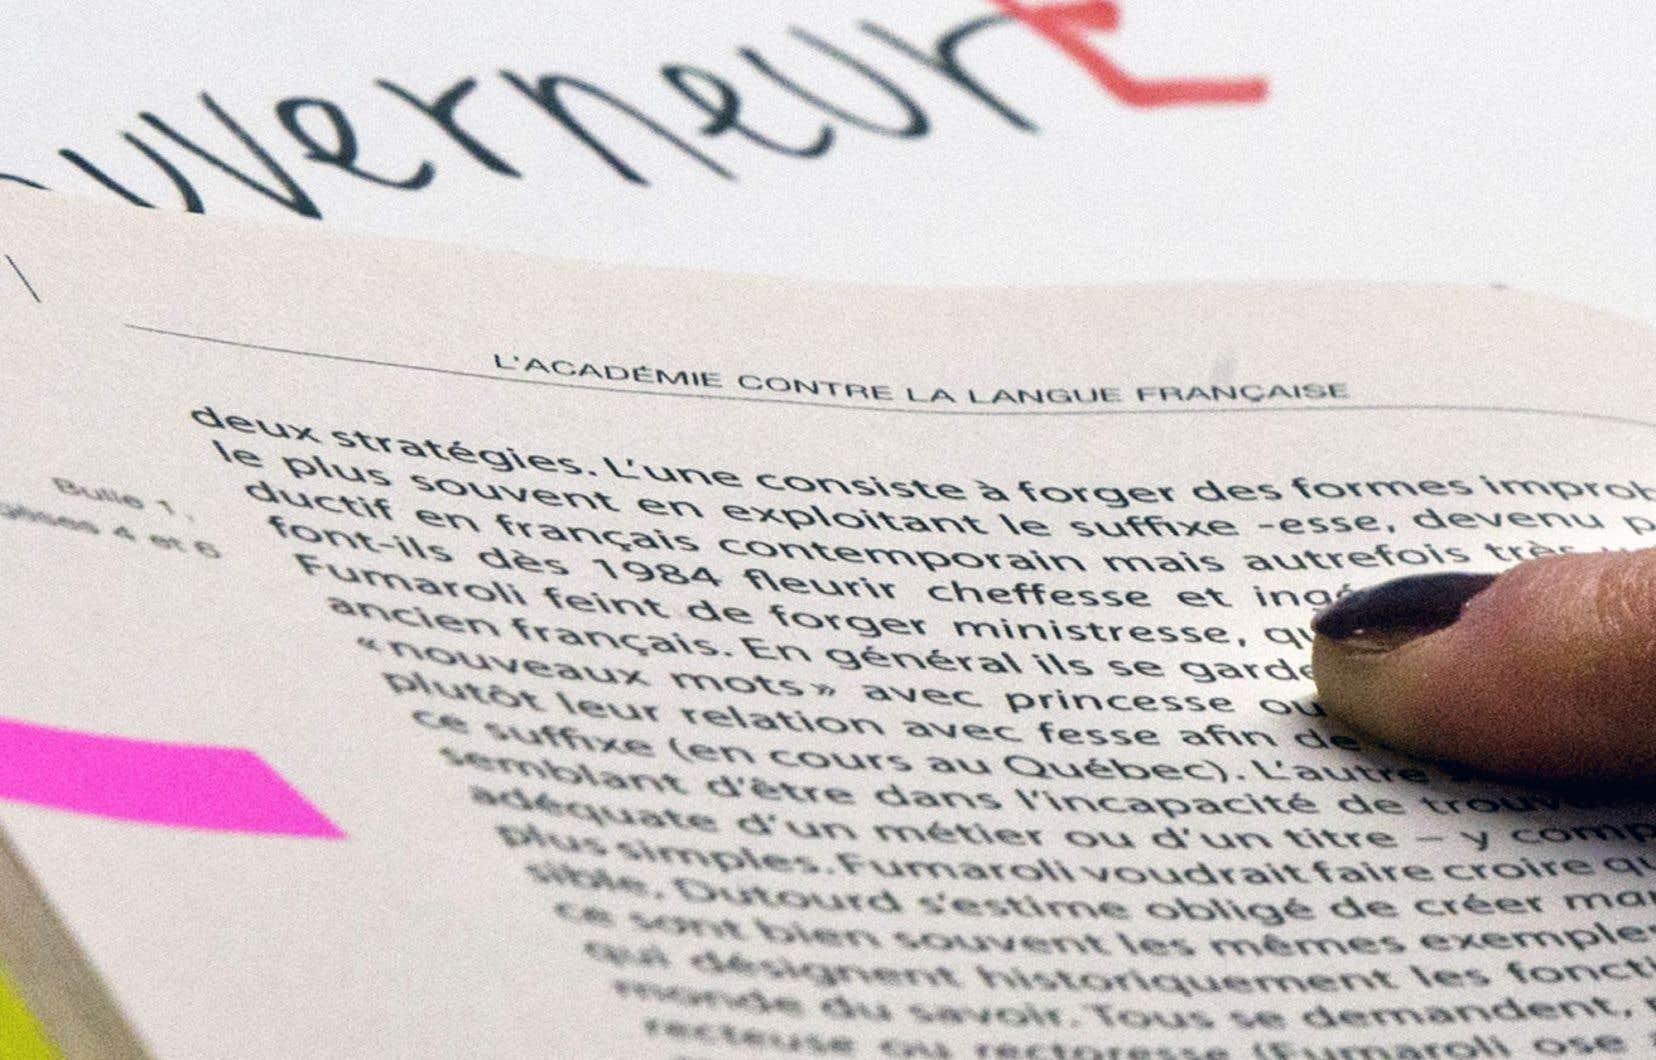 «La dénomination actuelle des genres grammaticaux, impropre, force les enseignants à affirmer la primauté du masculin sur le féminin», explique l'auteur.